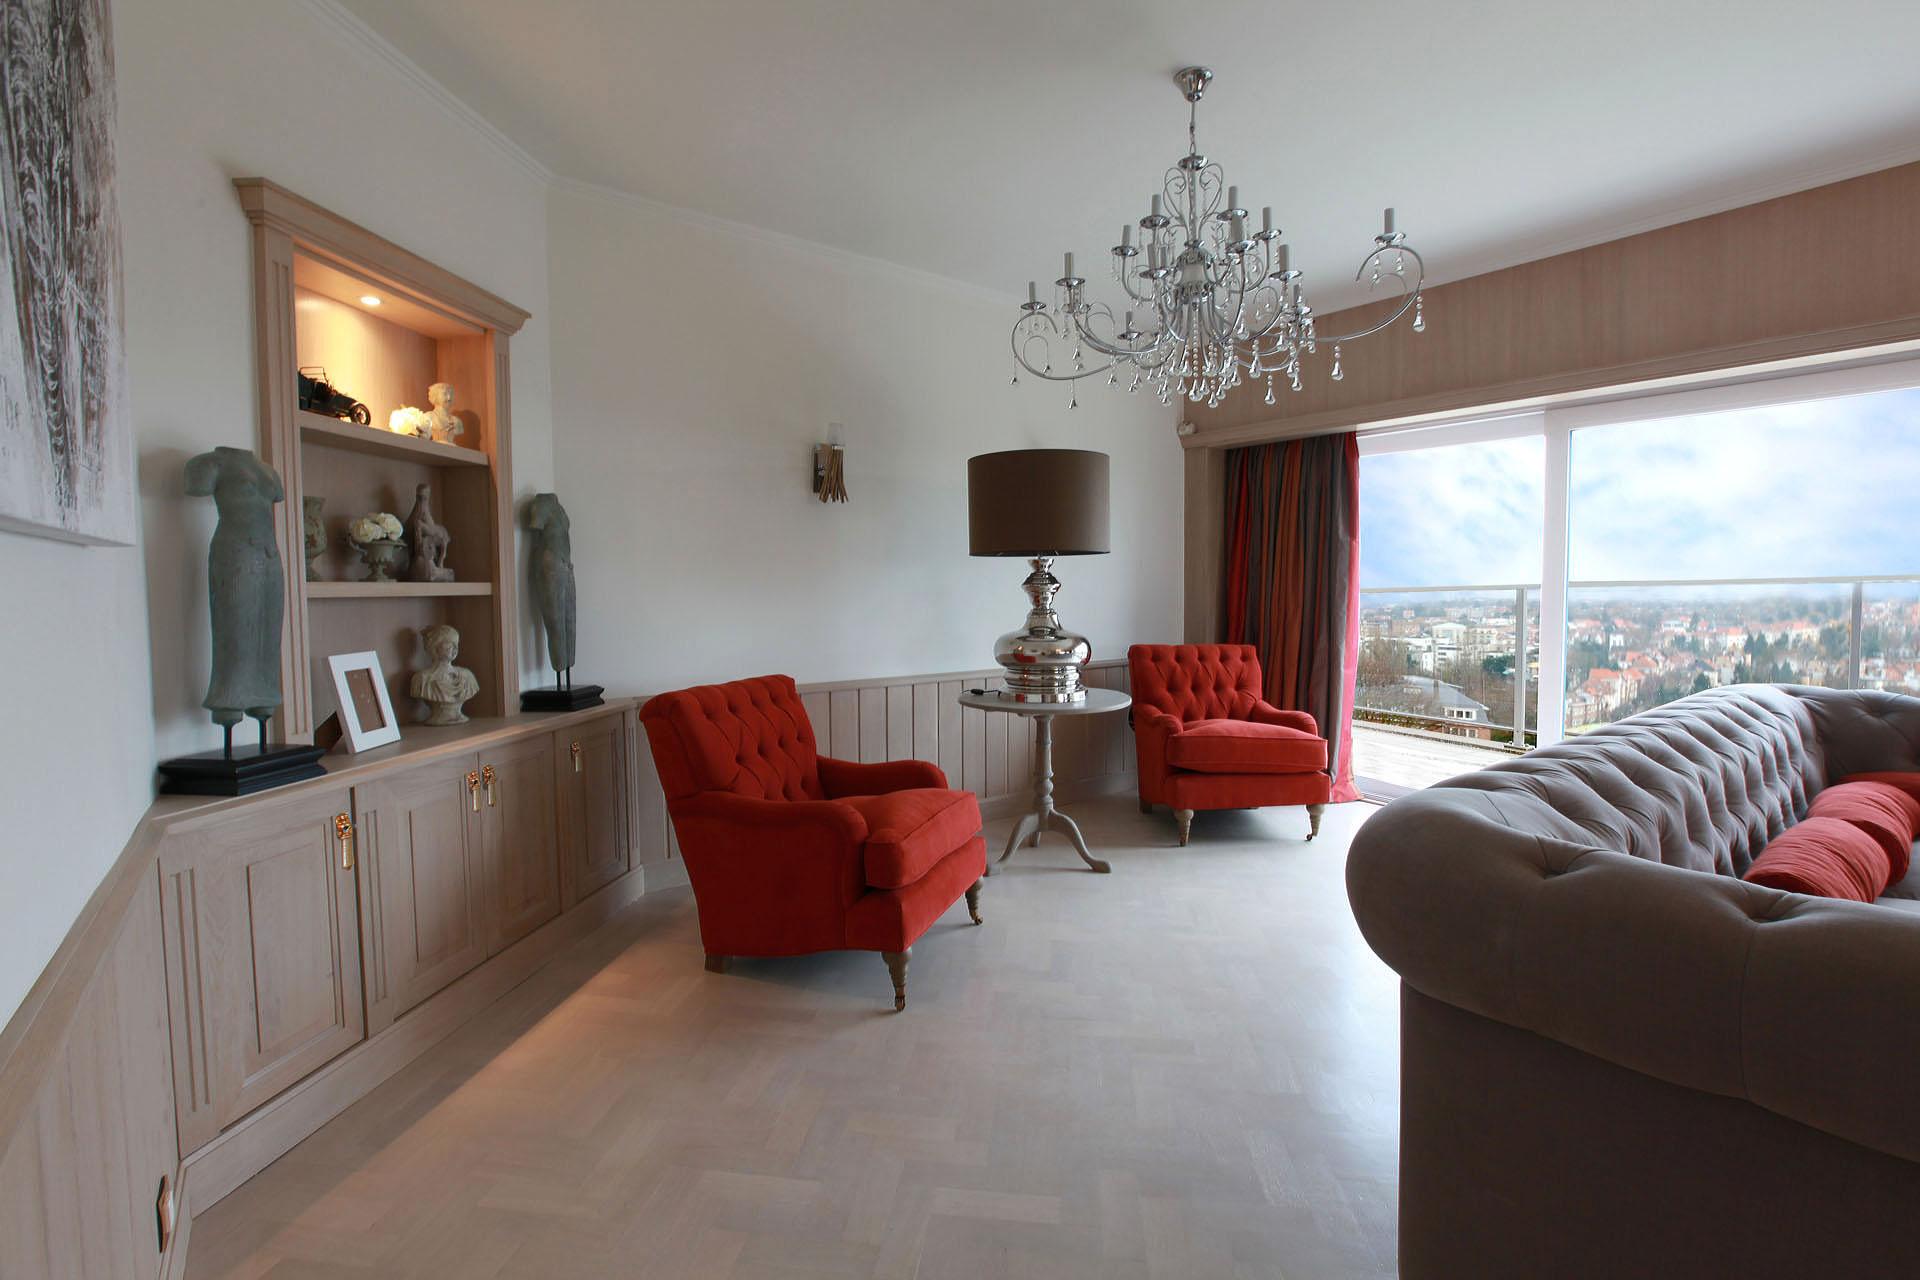 Appartementen inrichting - Marcotte Style